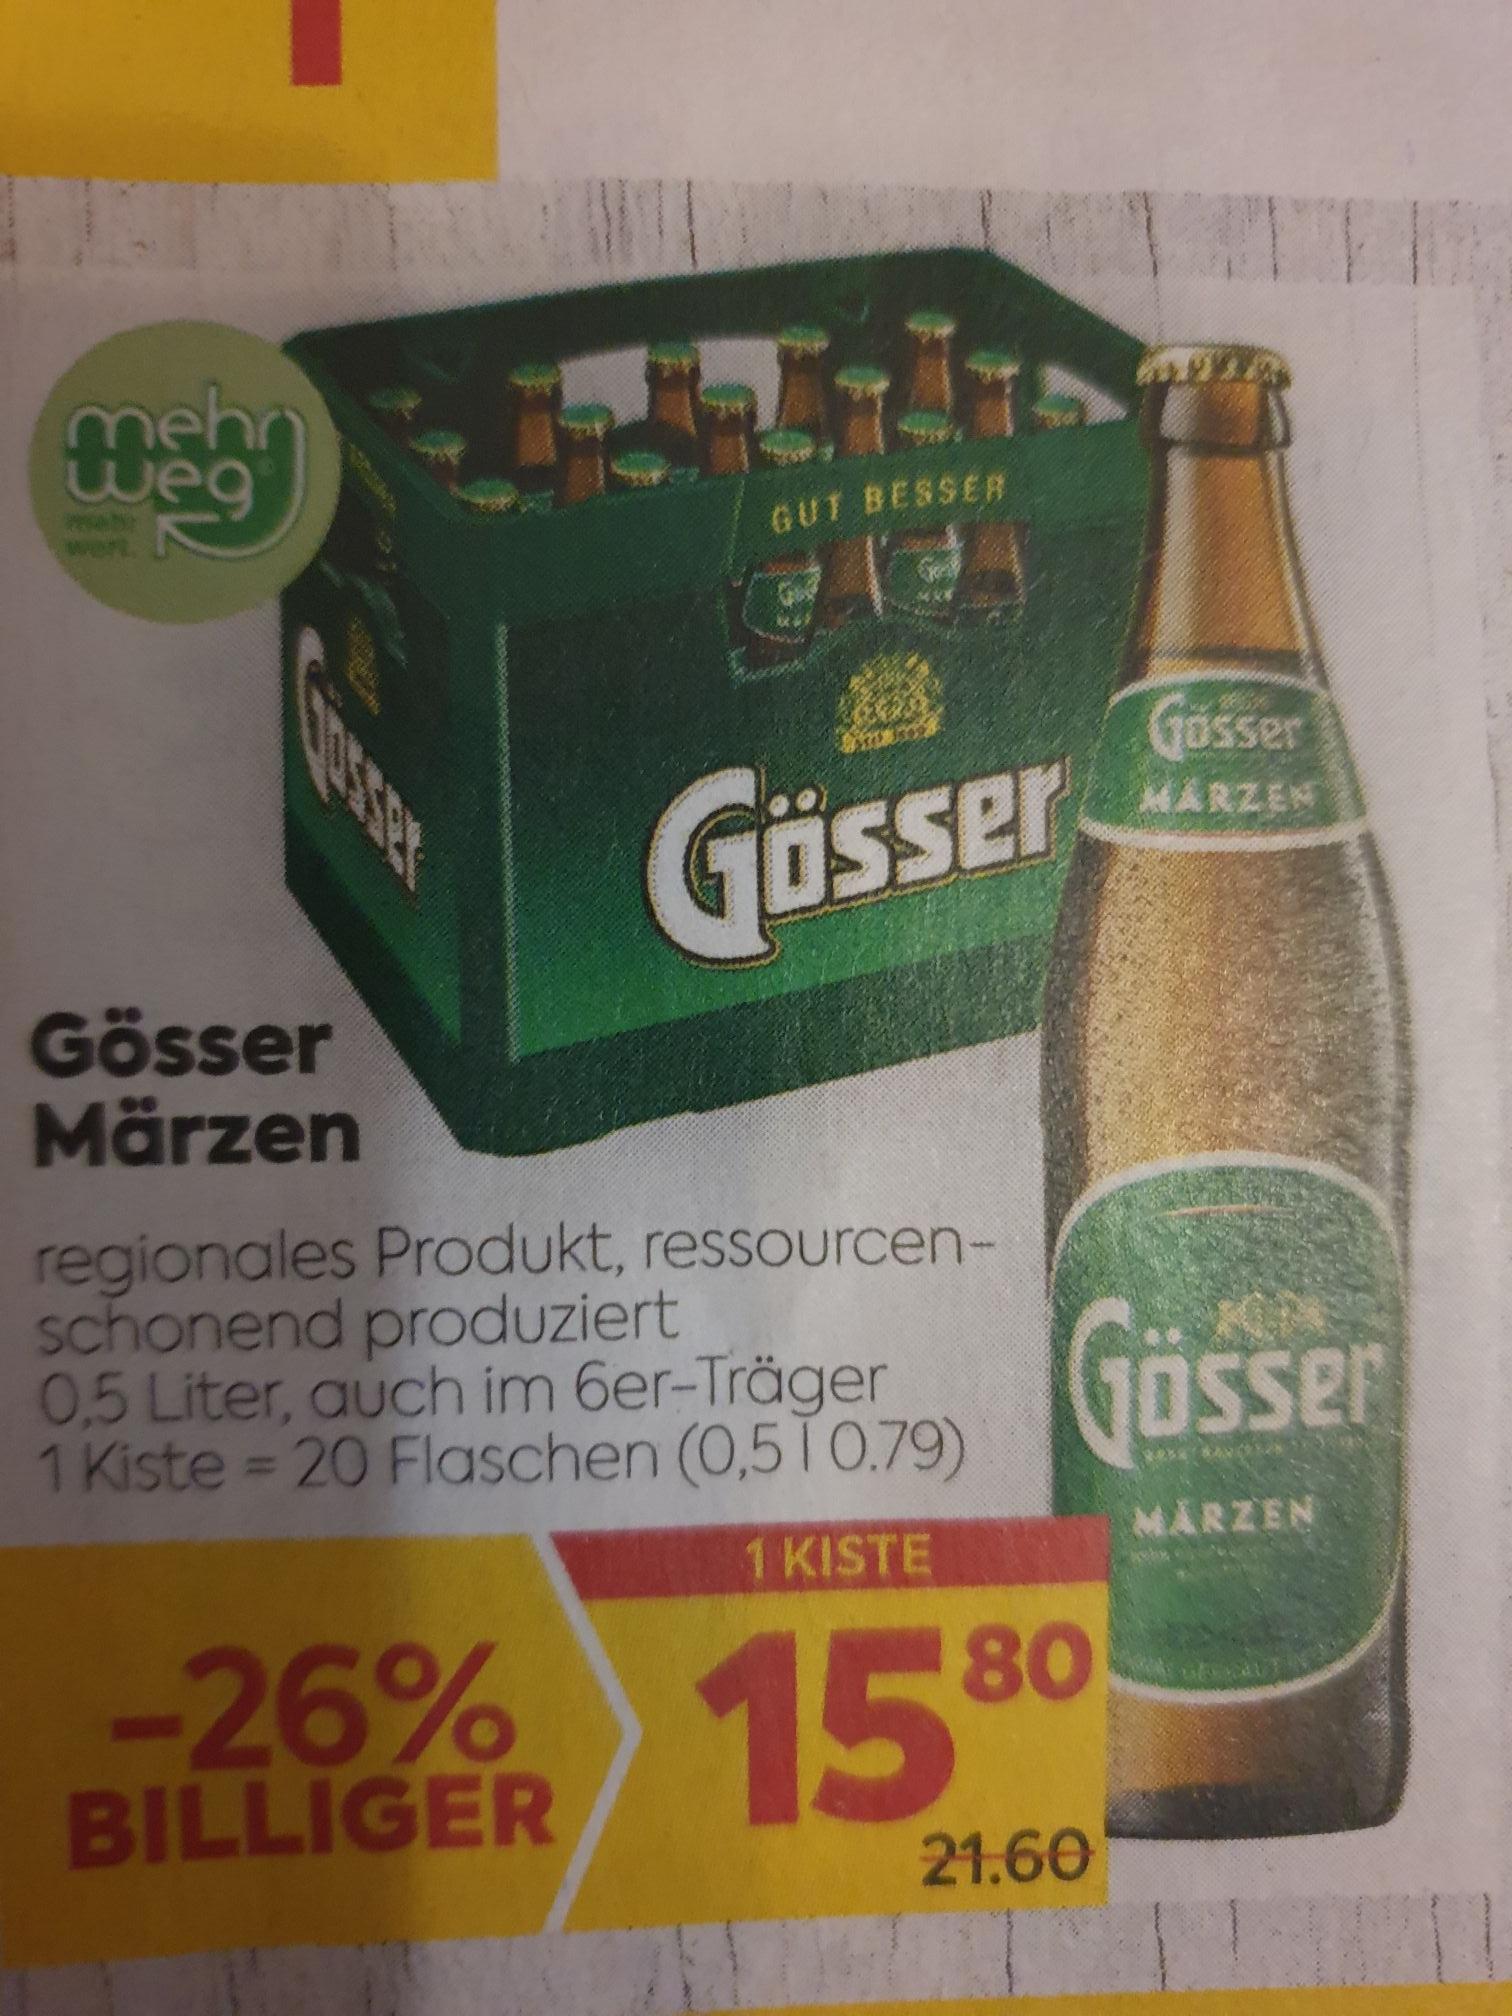 Gösser Kiste mit -25% Sticker um € 11.85 beim BILLA/PLUS 29.07. bis 04.08.